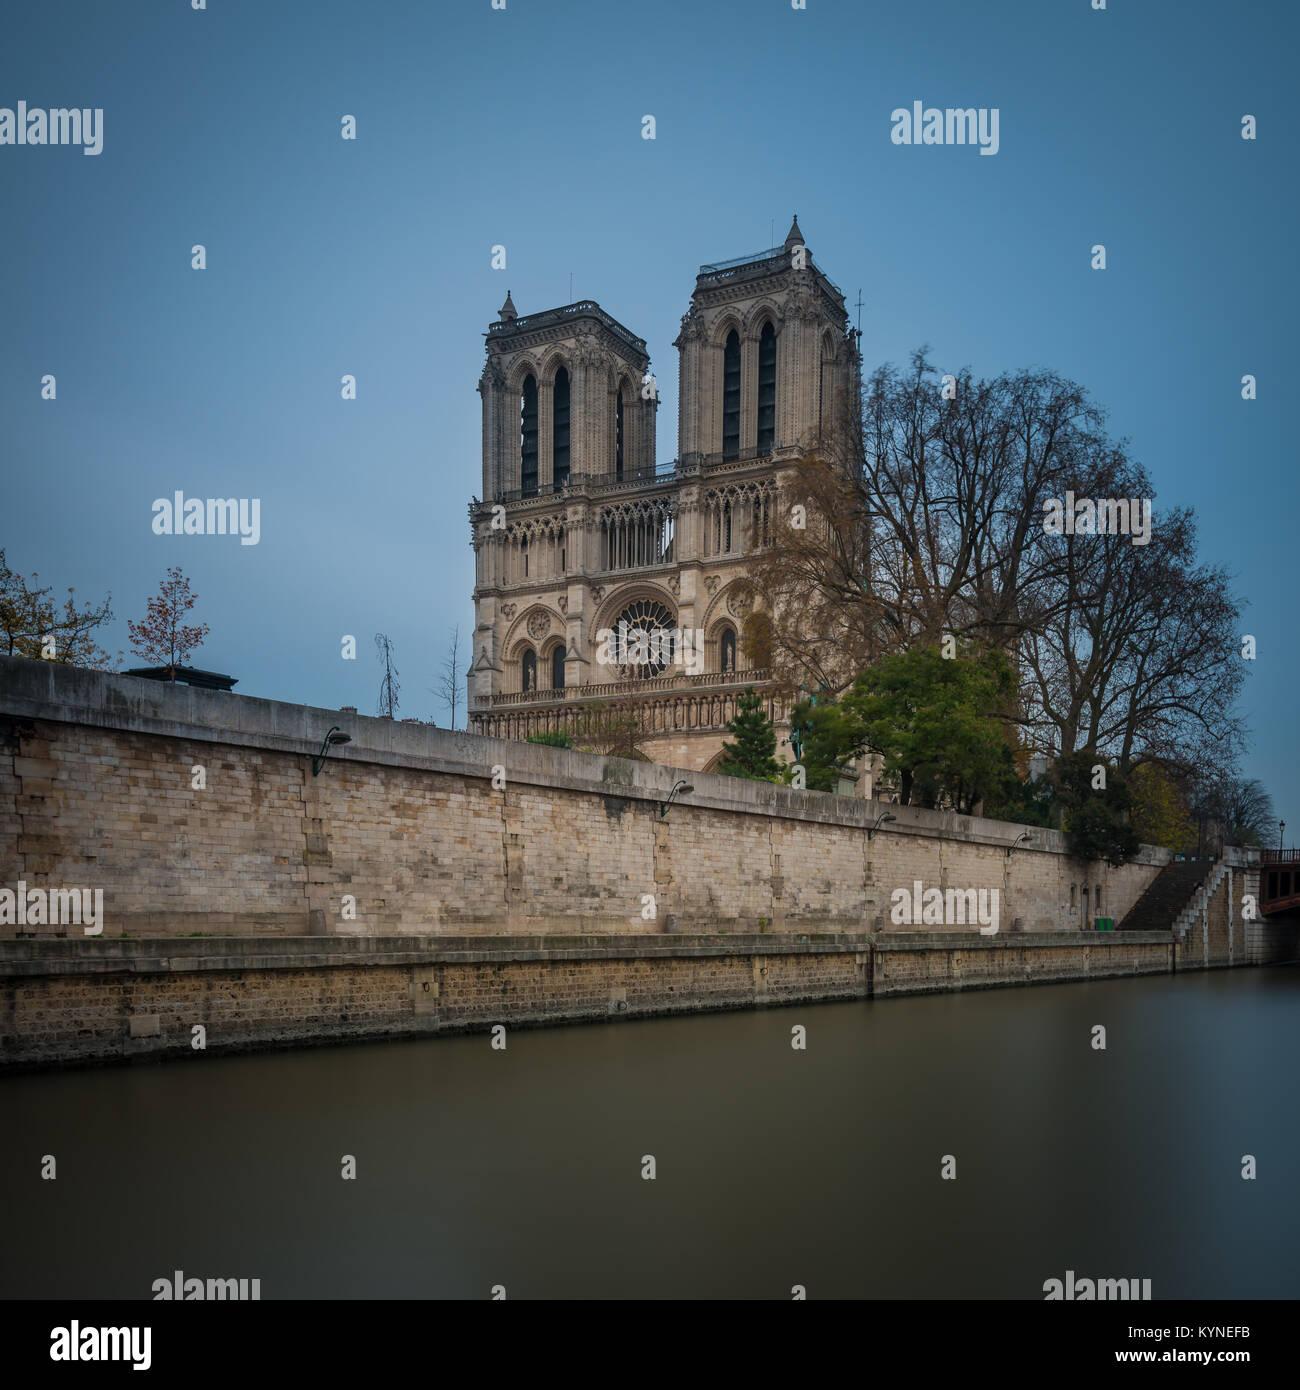 Cathédrale Notre-Dame de Paris, Notre Dame de Paris, Paris, Frankreich Stockfoto